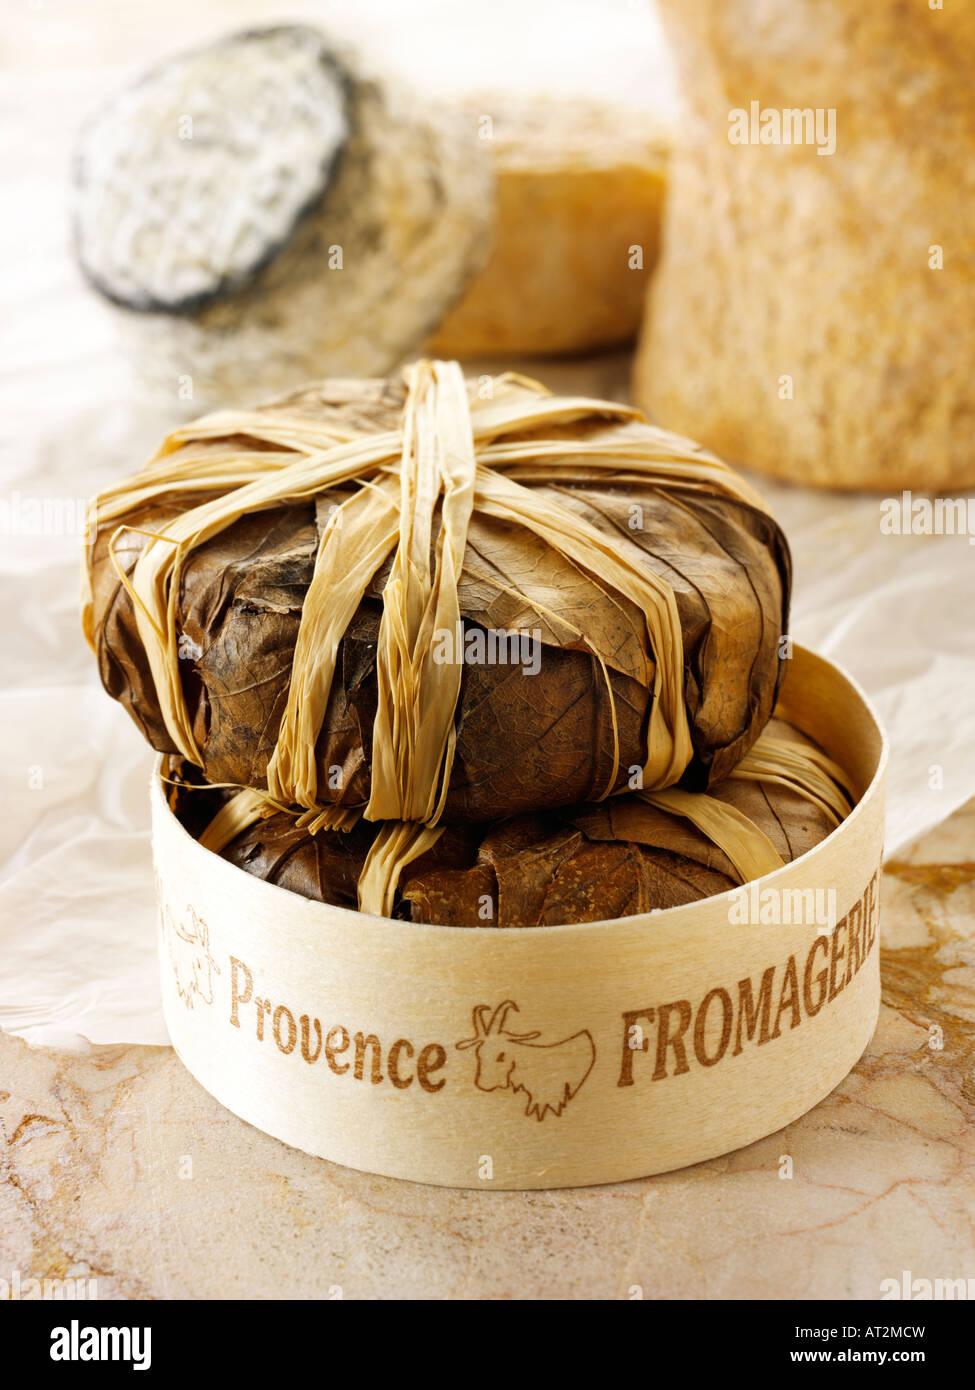 Bannon français fromage de chèvre mou de la Provence dans les feuilles dans une fromagerie. Photo Stock